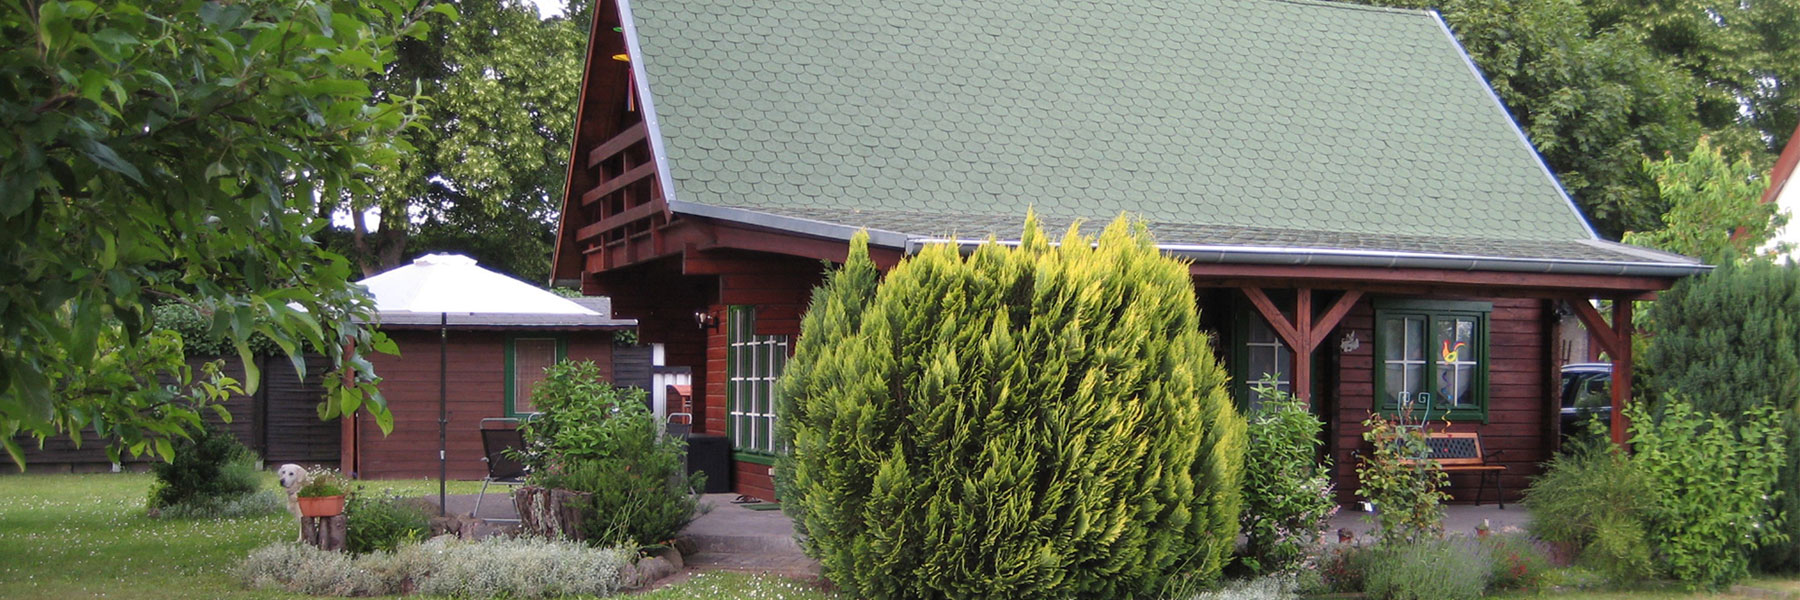 Fh1 - Ferienhäuser Winkler